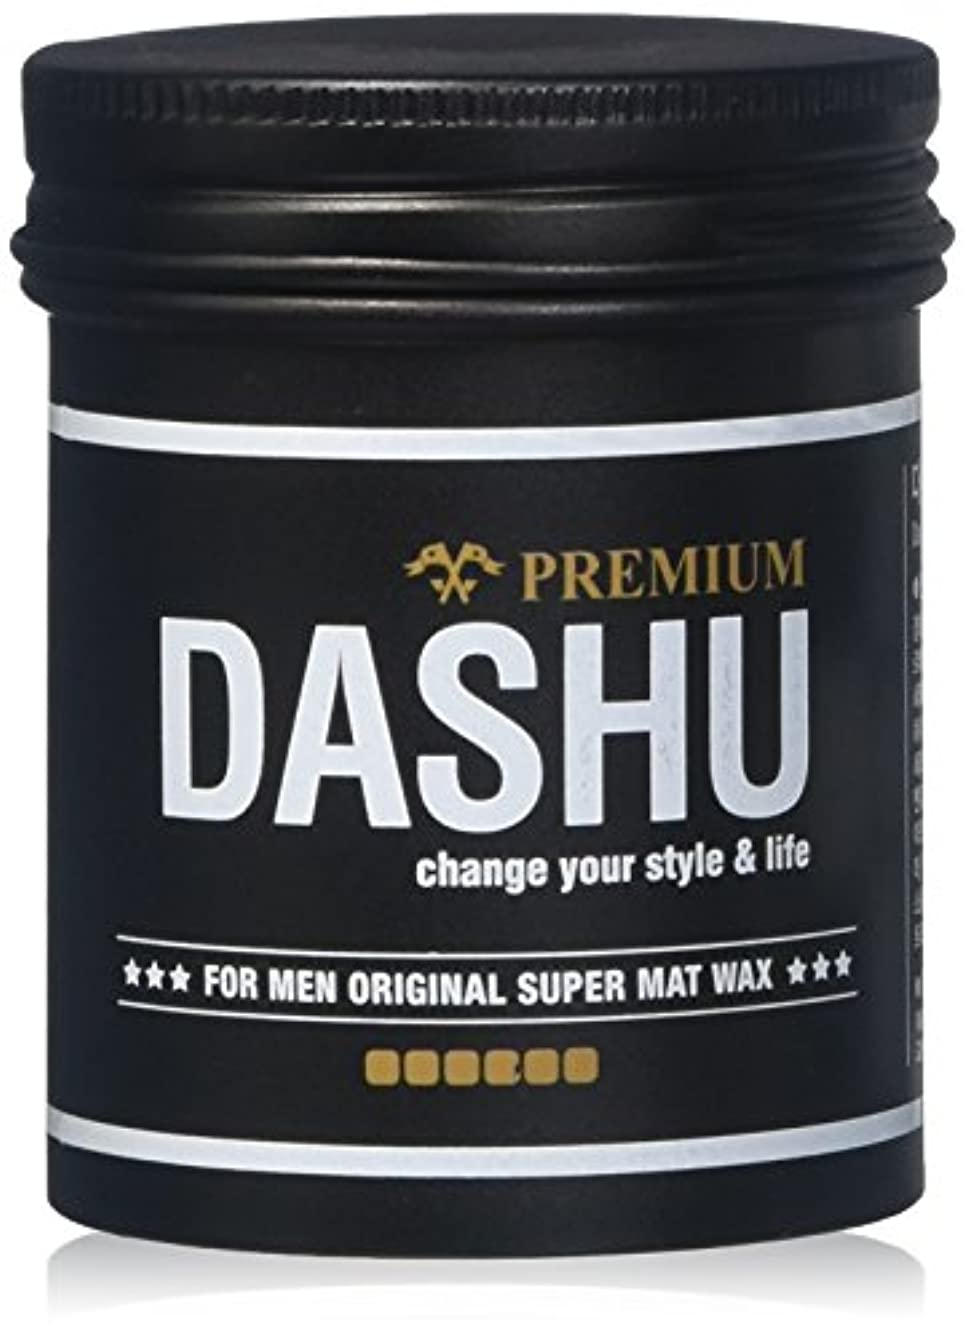 インシュレータ織機バレエ[DASHU] ダシュ For Men男性用 オリジナルプレミアムスーパーマットワックス Original Premium Super Mat Wax 100ml / 韓国製 . 韓国直送品